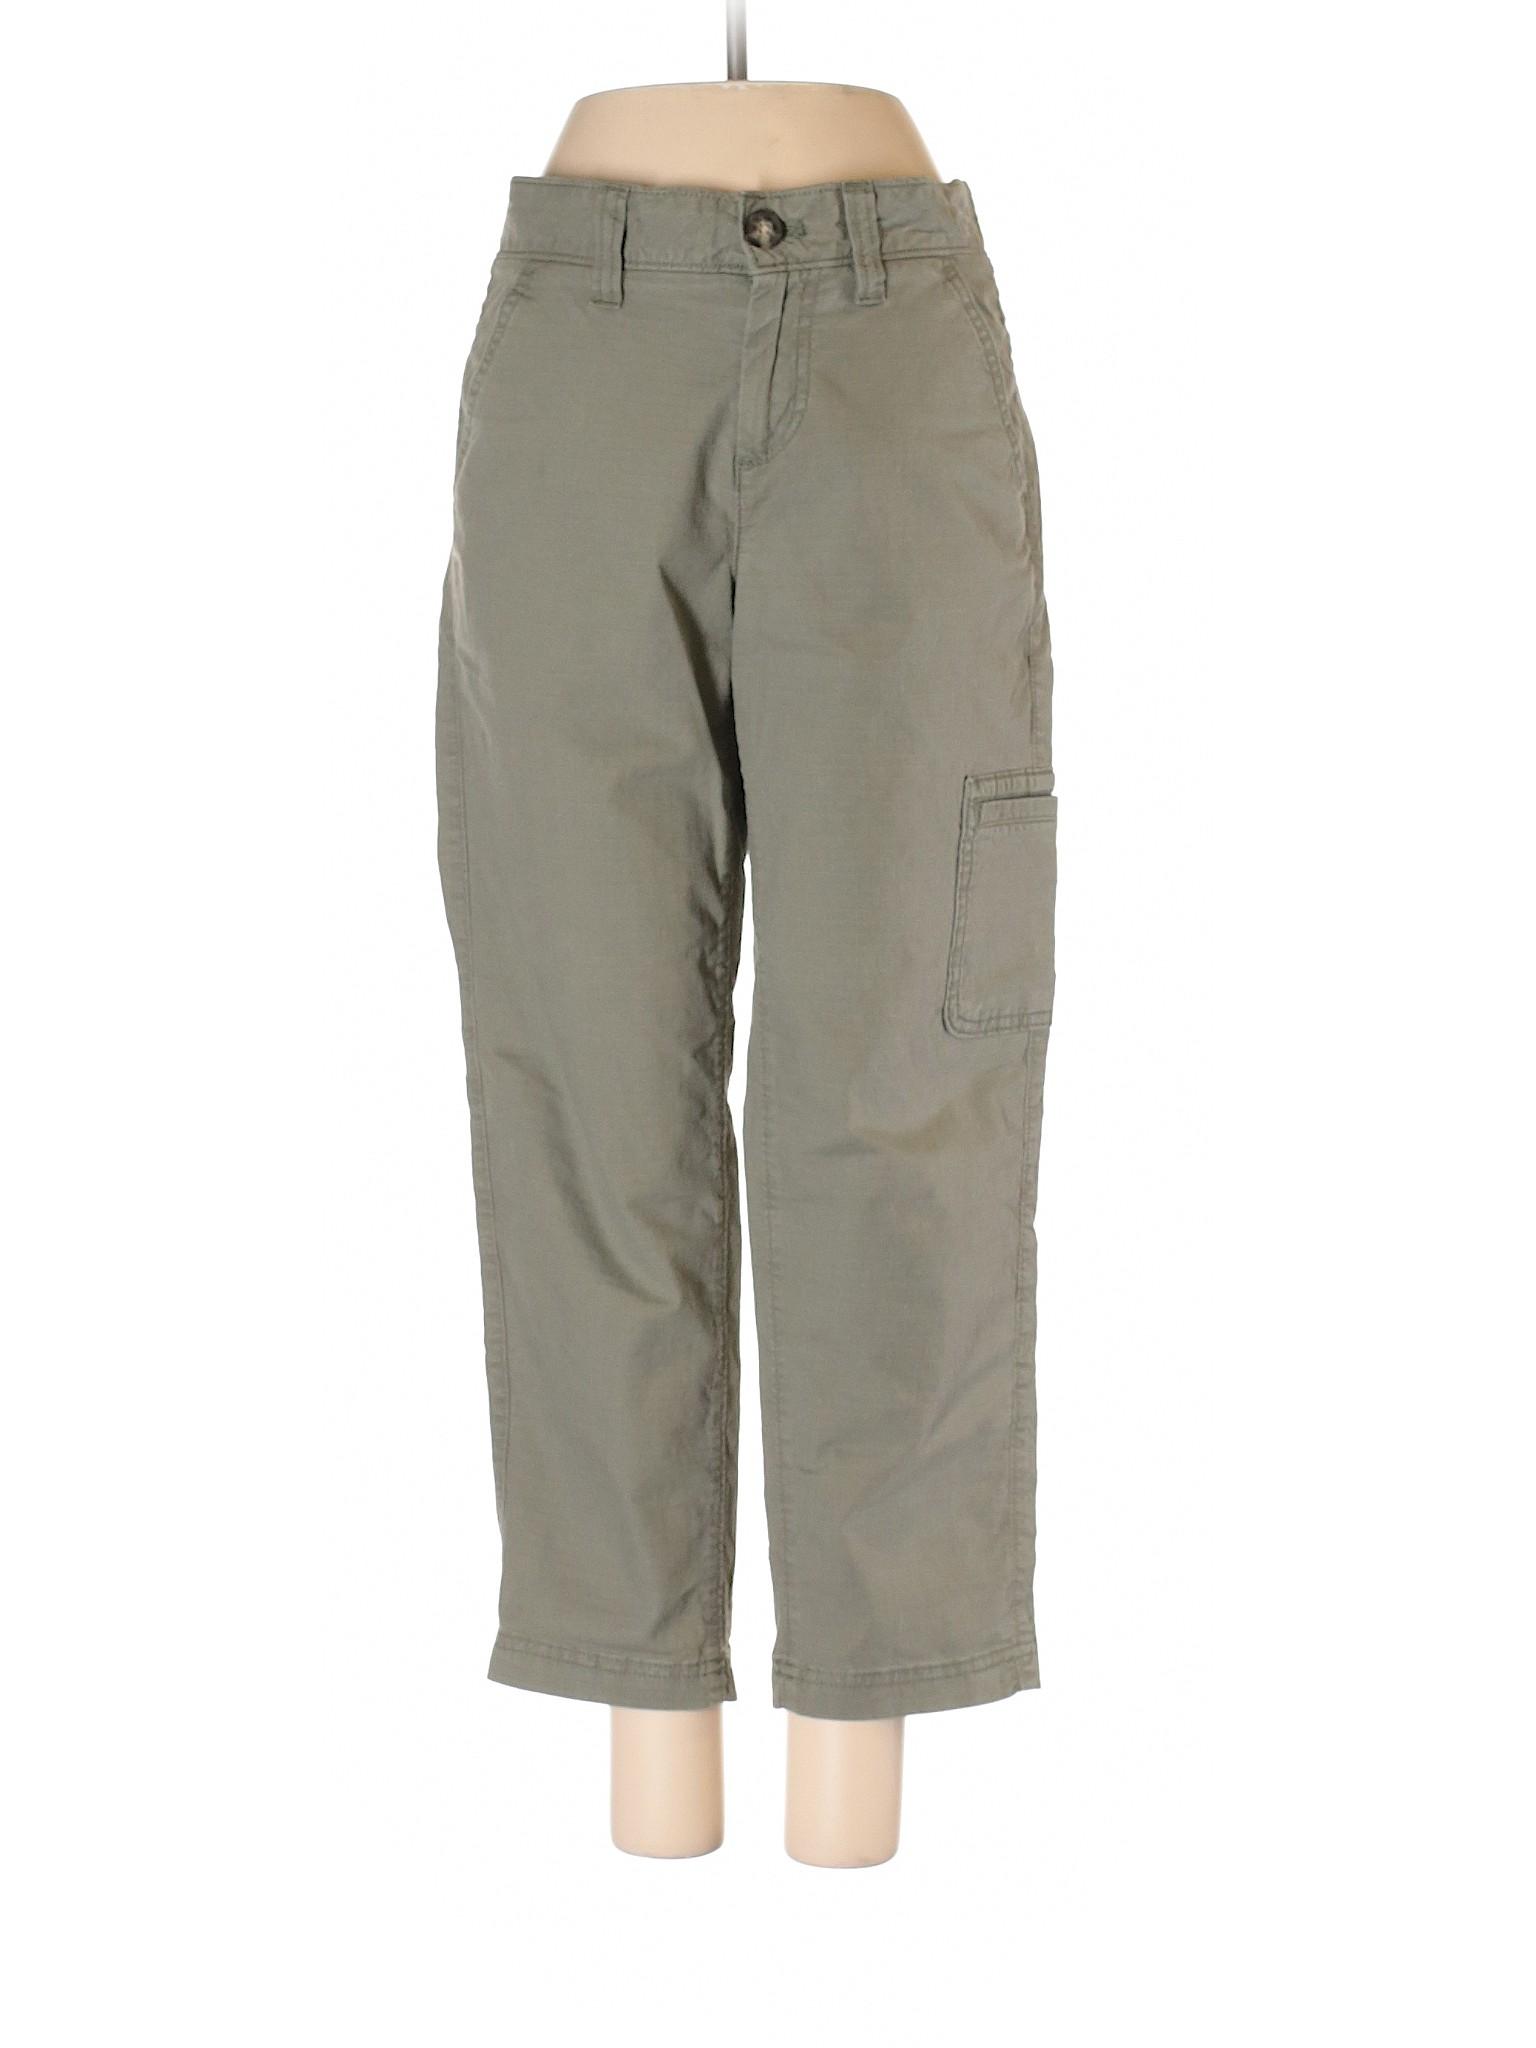 Eddie Bauer Boutique leisure Cargo Pants vwqWpccfUO